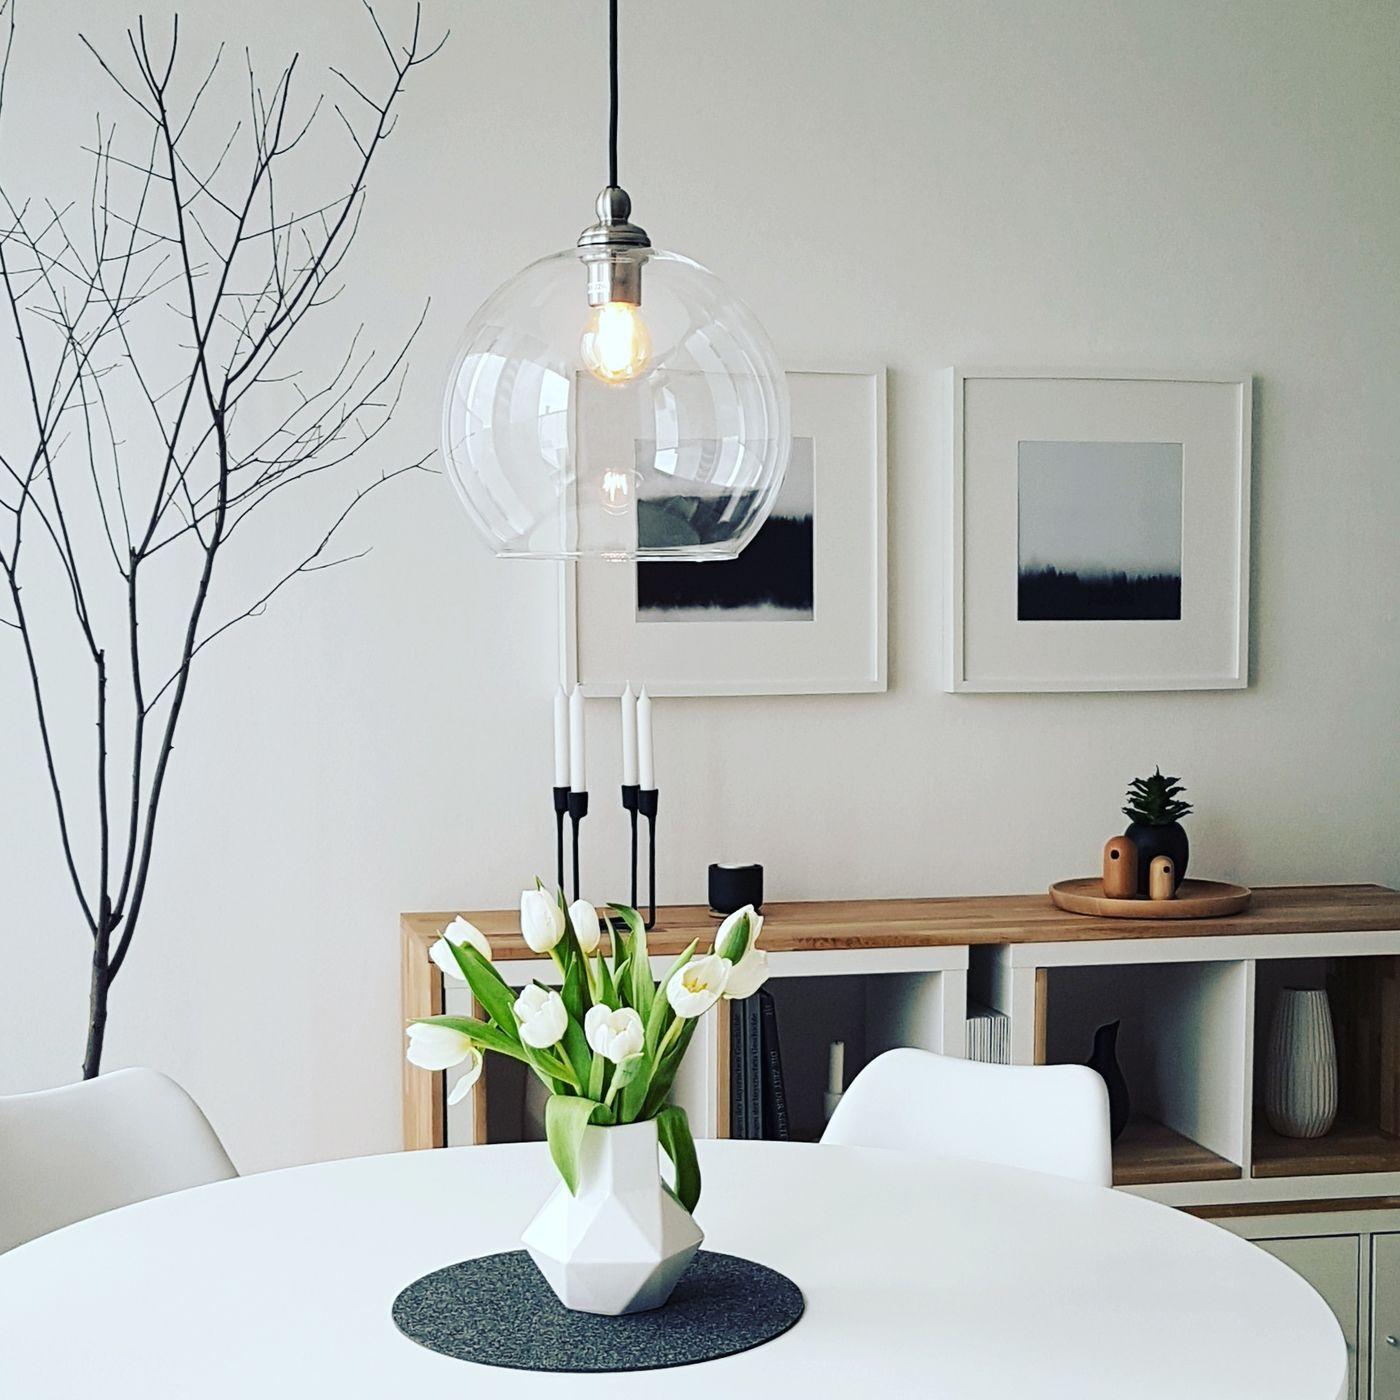 Full Size of Ikea Lampen Schnsten Ideen Mit Leuchten Wohnzimmer Designer Esstisch Küche Kosten Deckenlampen Modern Sofa Schlaffunktion Led Kaufen Betten Bei Stehlampen Wohnzimmer Ikea Lampen